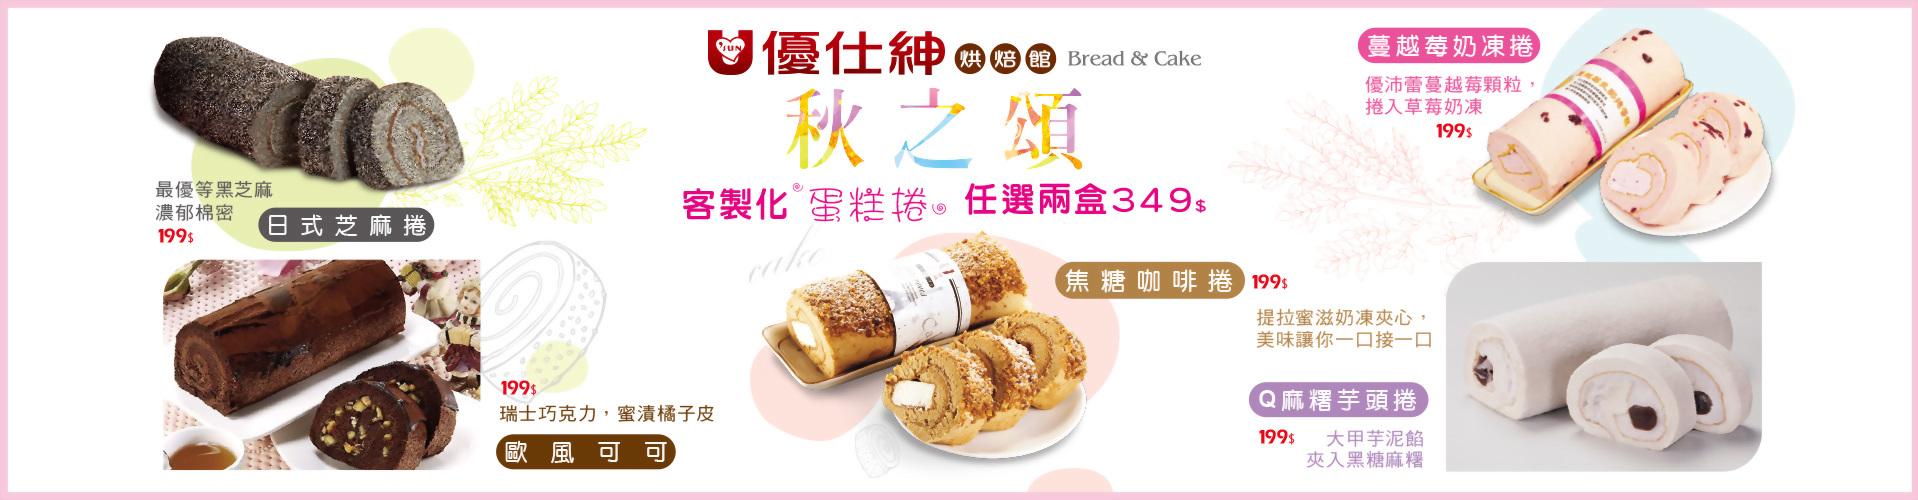 [推薦]蛋糕捲 | 優仕紳秋之頌客製化蛋糕捲任選2盒349元